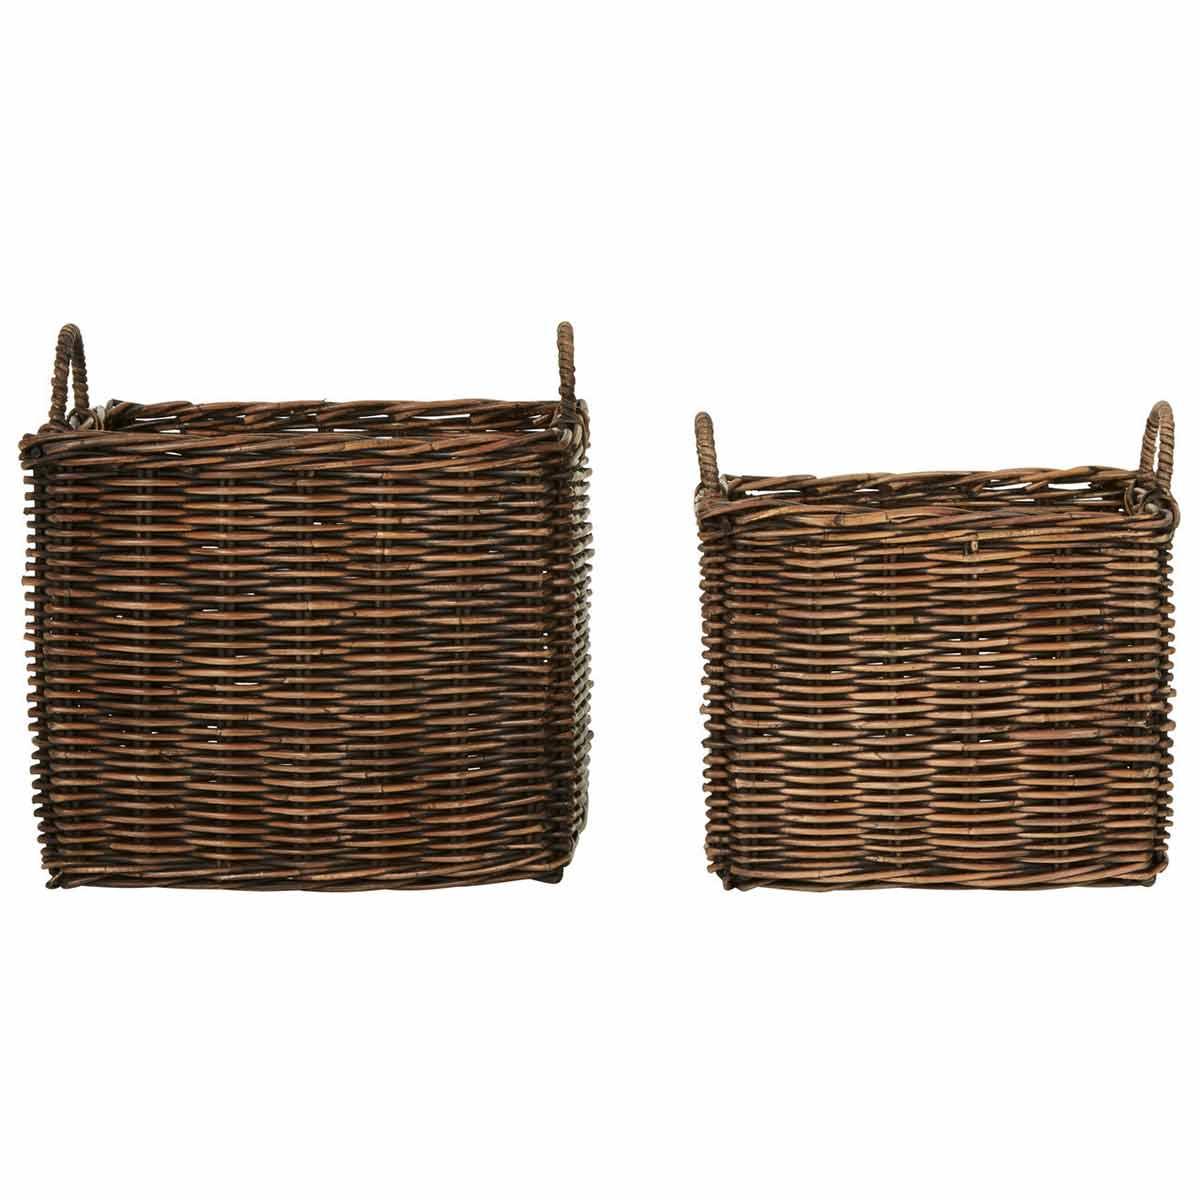 Argento Storage Baskets Antique Brown Set of 2, Brown